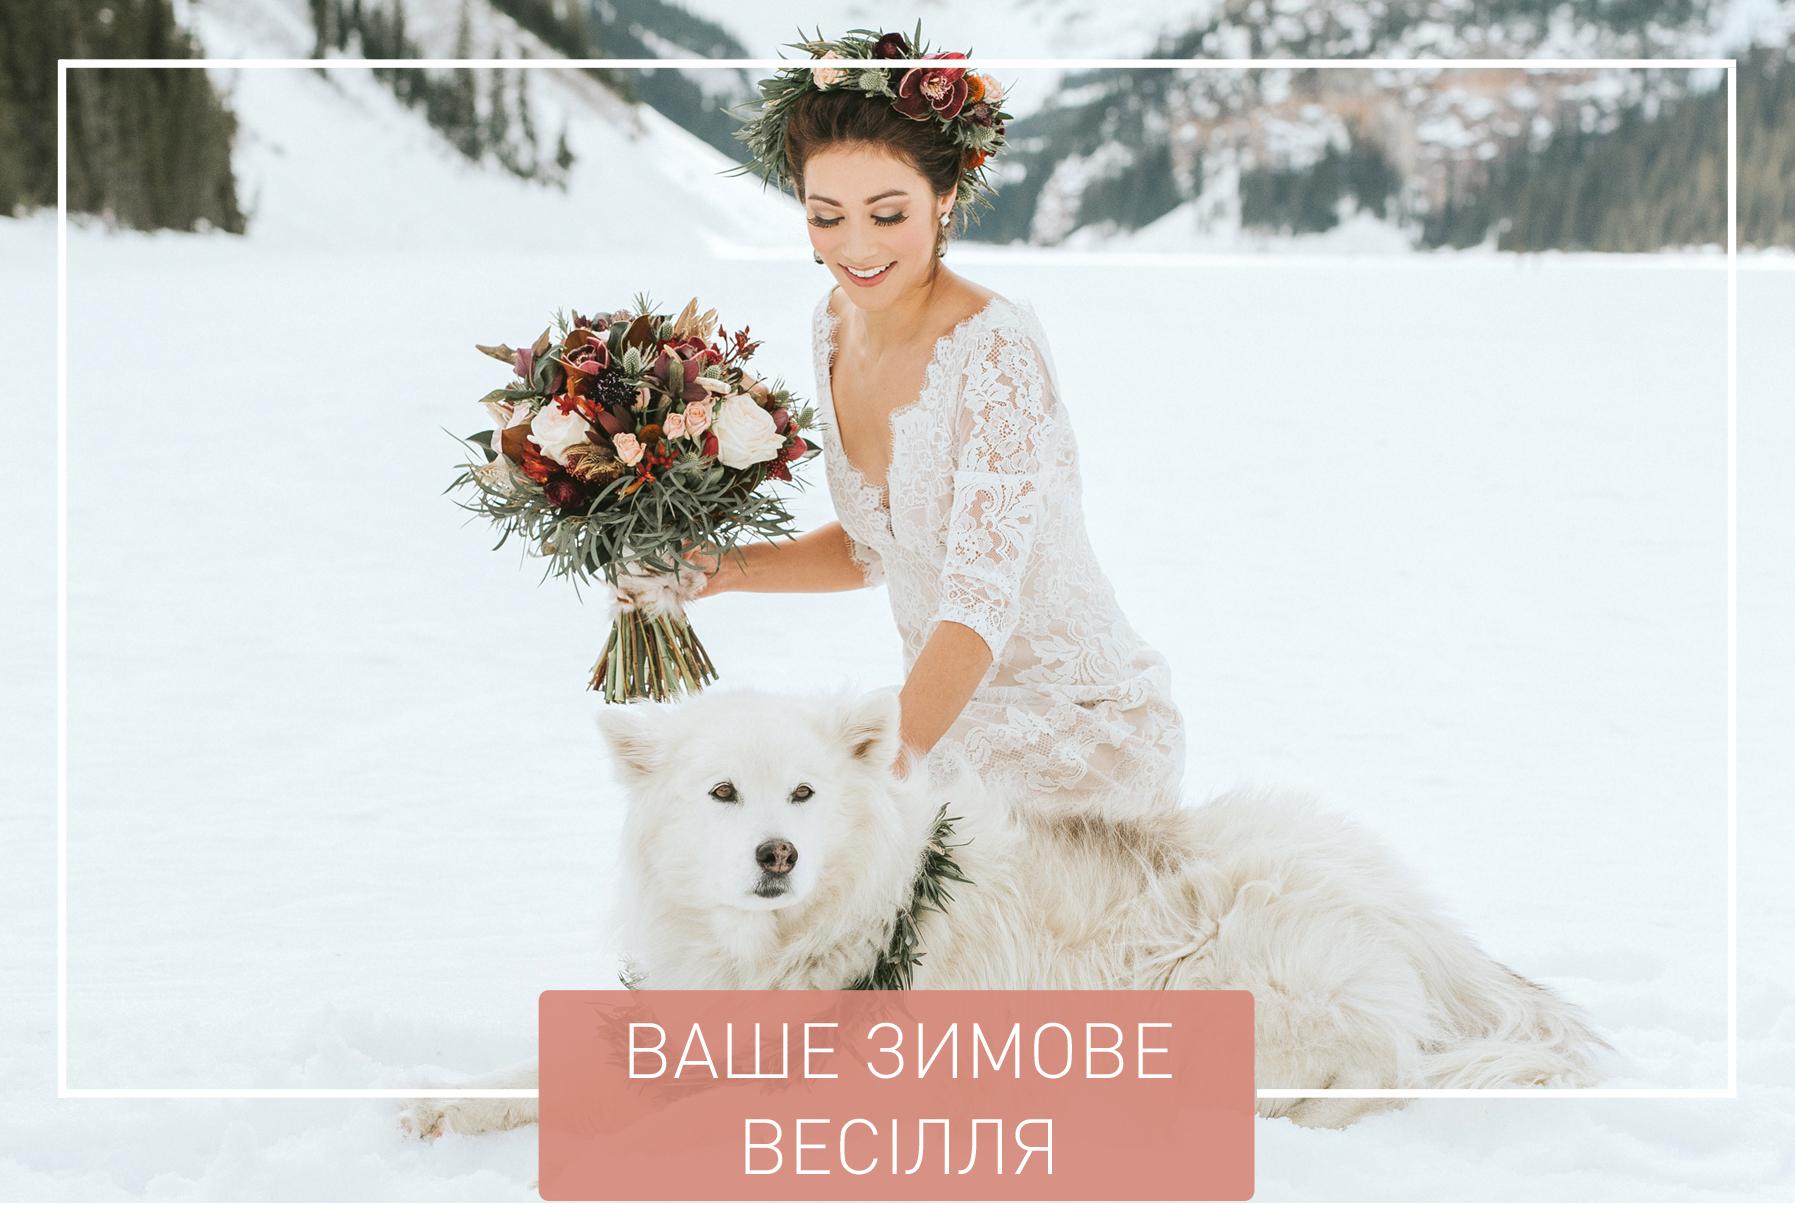 Ваше зимове весілля